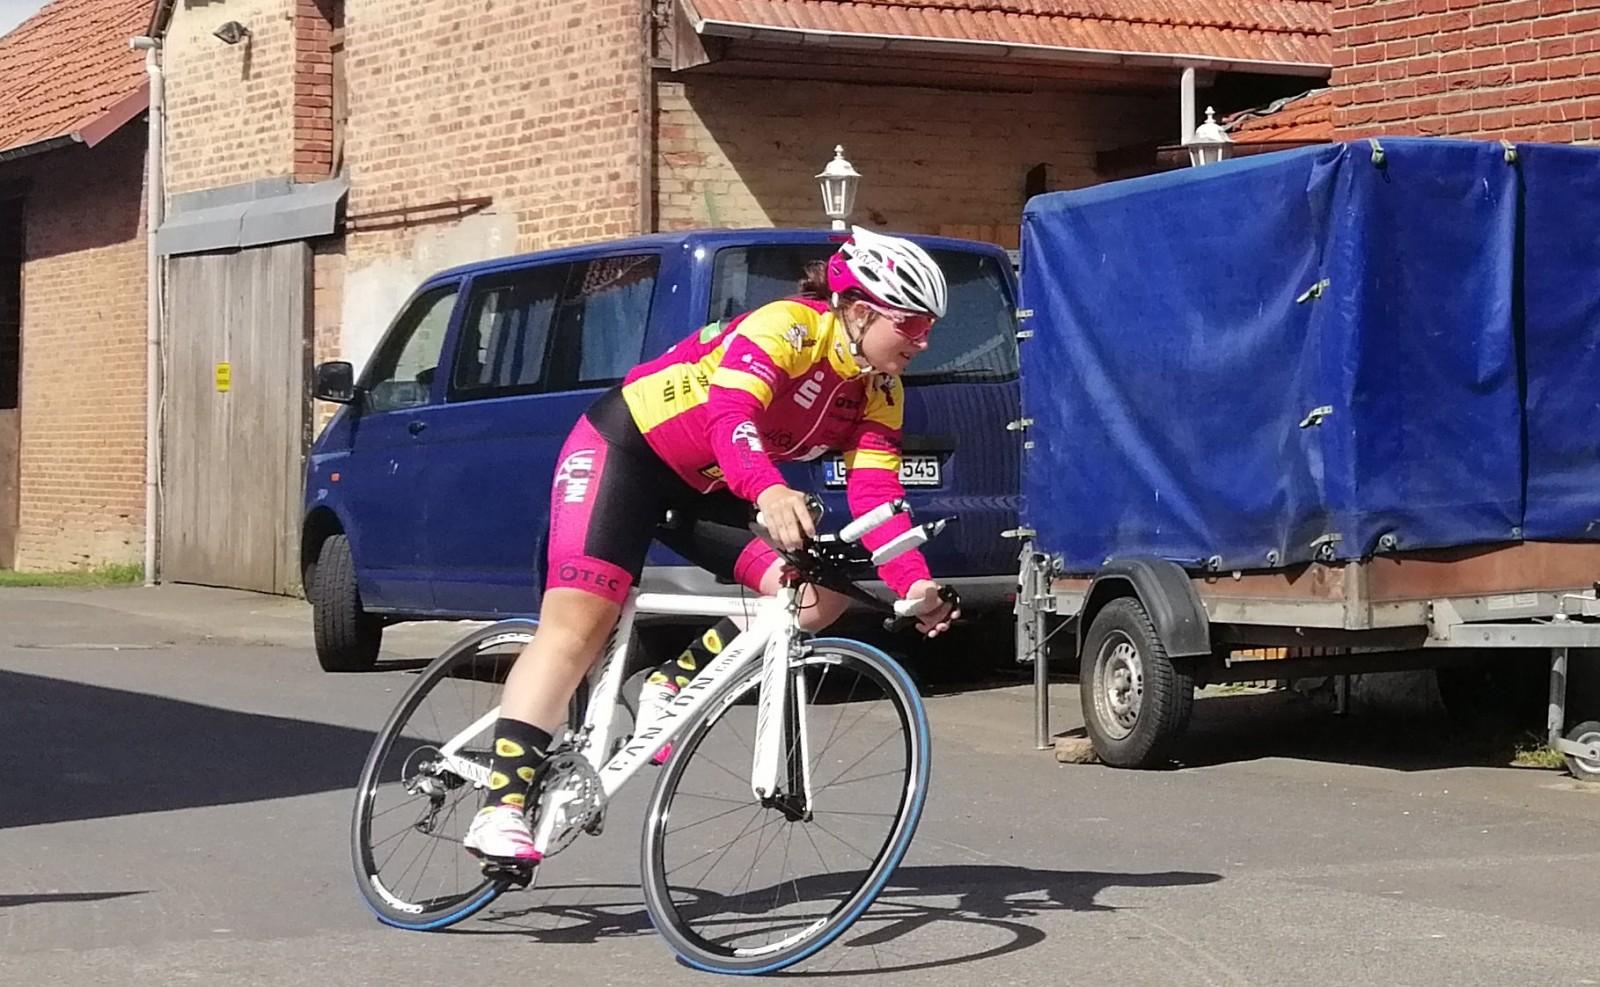 Jennifer Kuppel beim Training am Tag vor dem Rennen